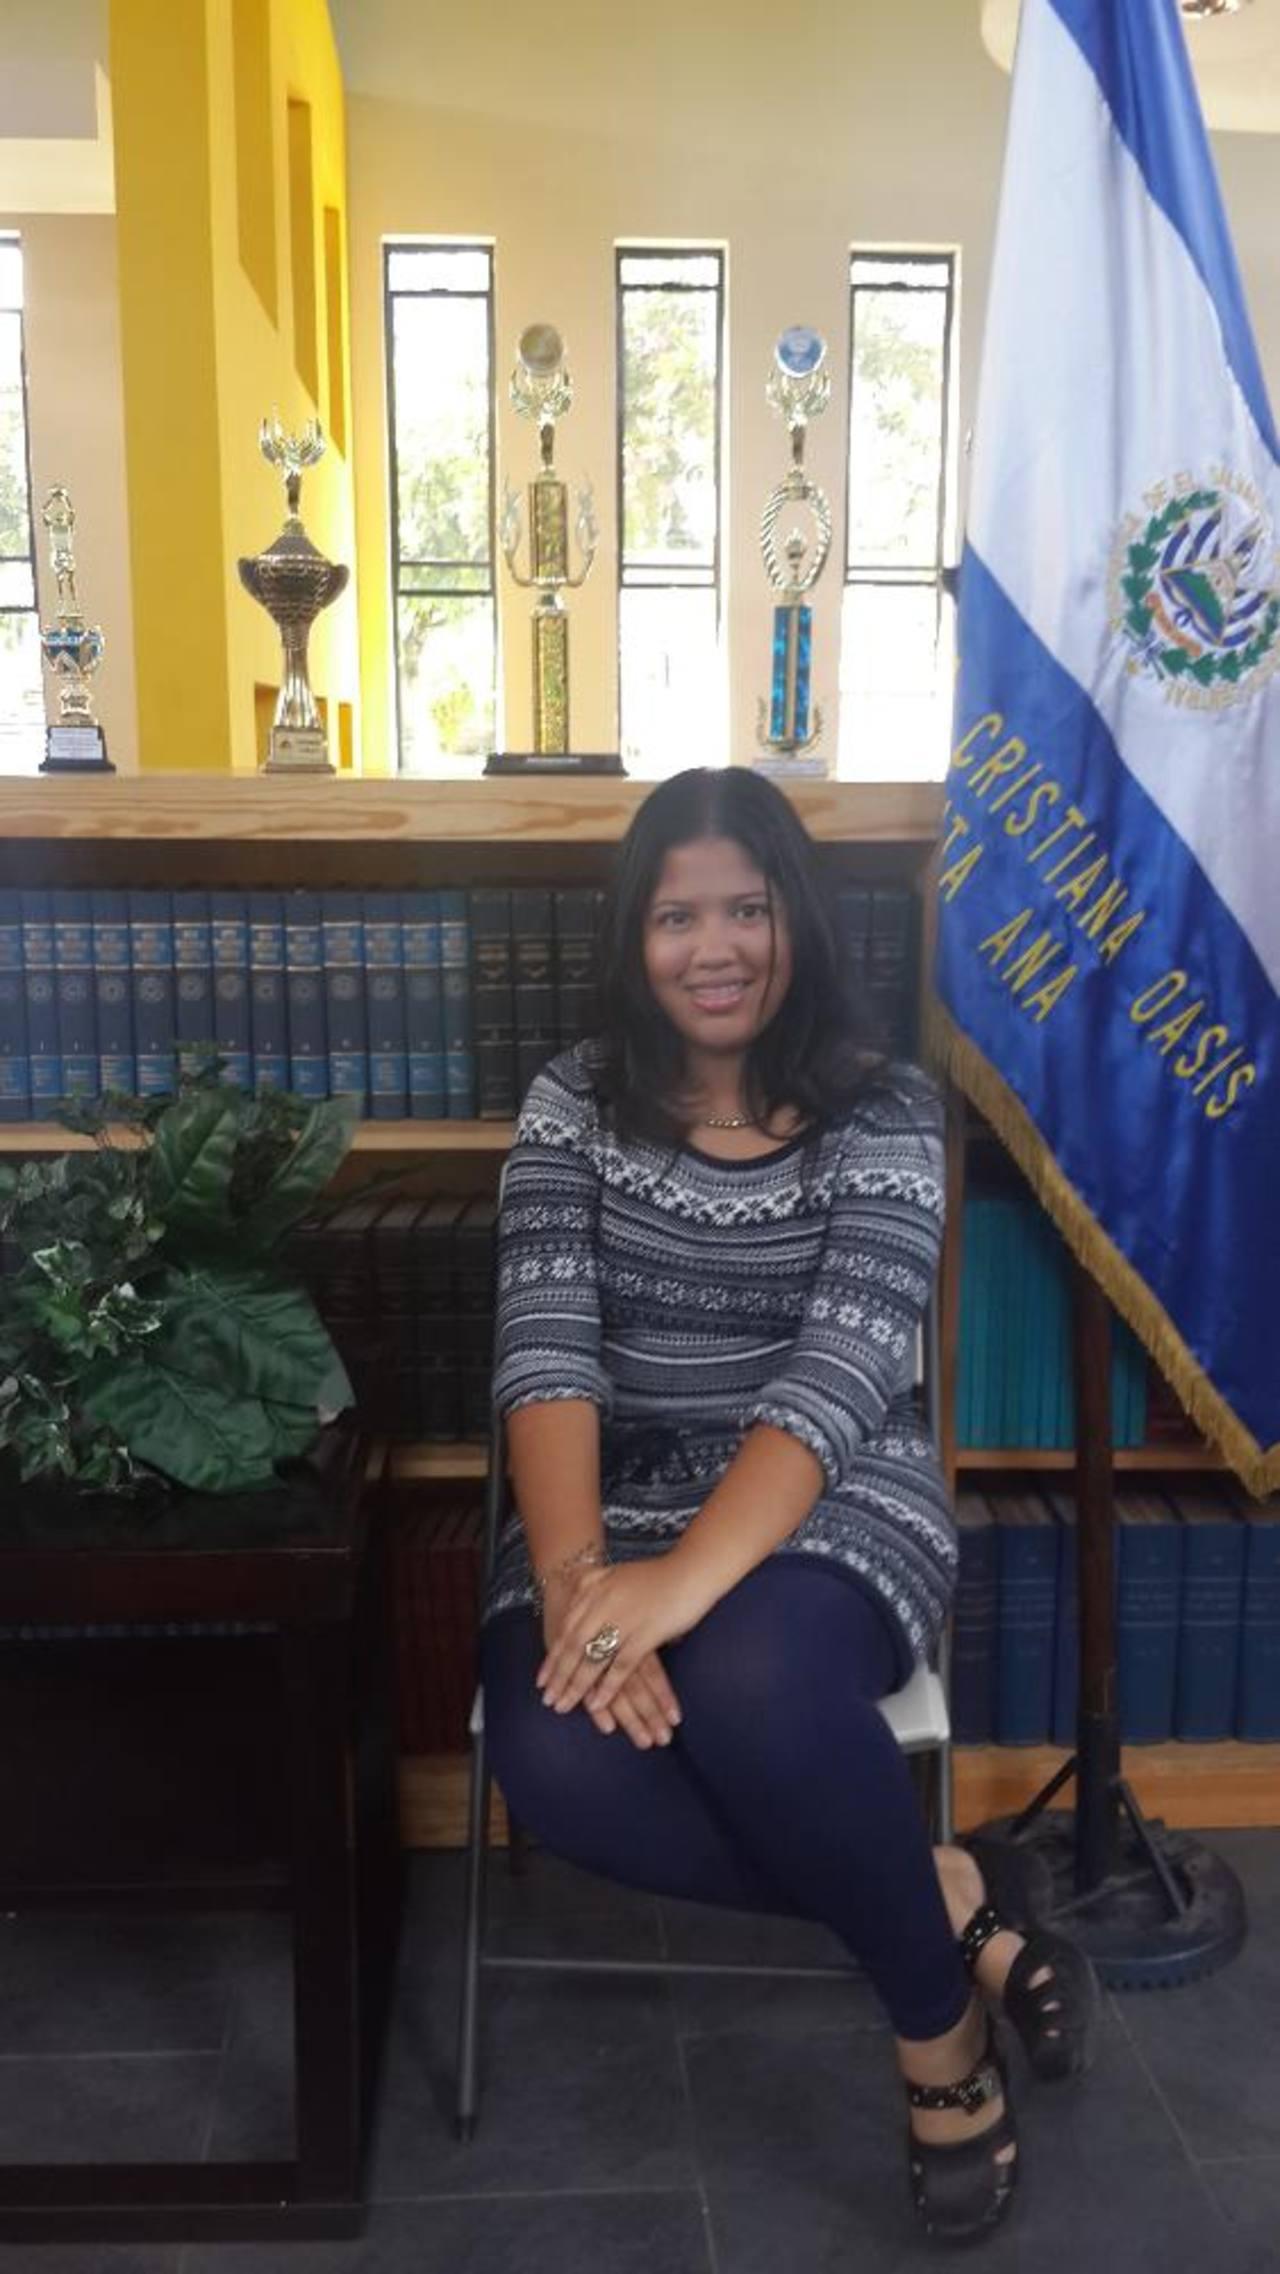 Los planes de Amanda Castro son estudiar mecatrónica en la universidad. foto Cortesía